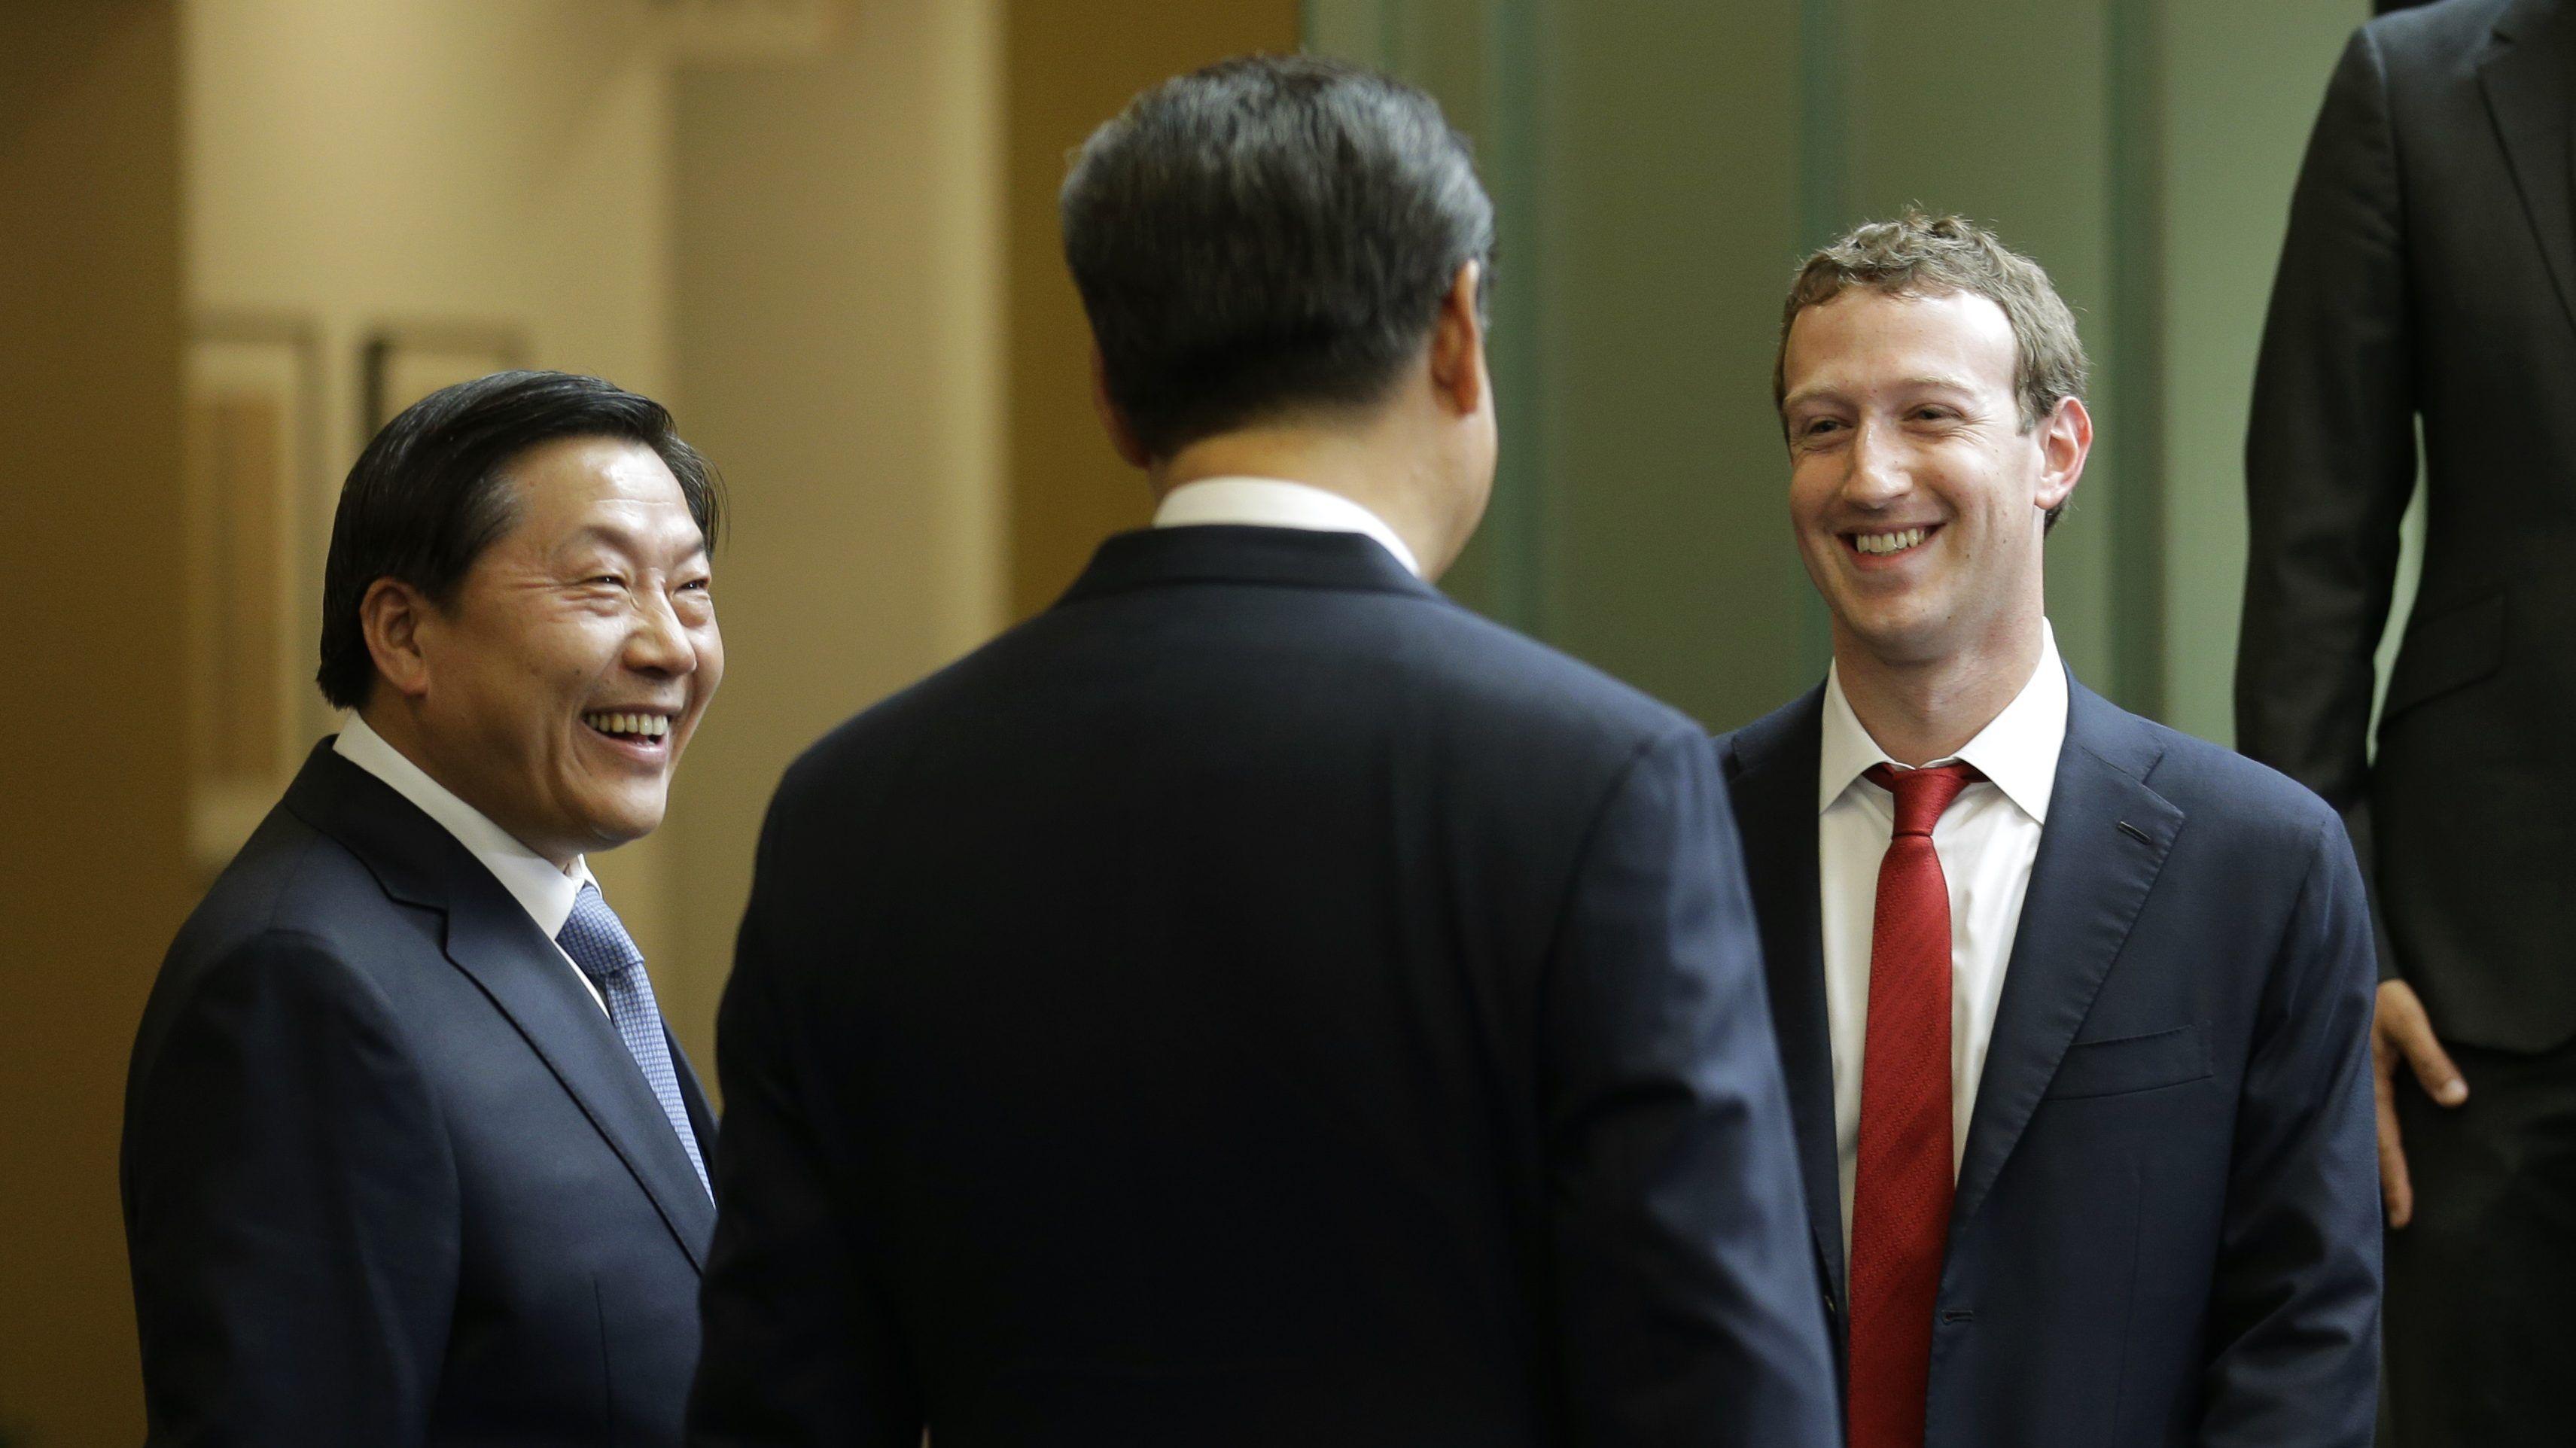 Zuckerberg e director da Apple reúnem-se com Xi Jinping